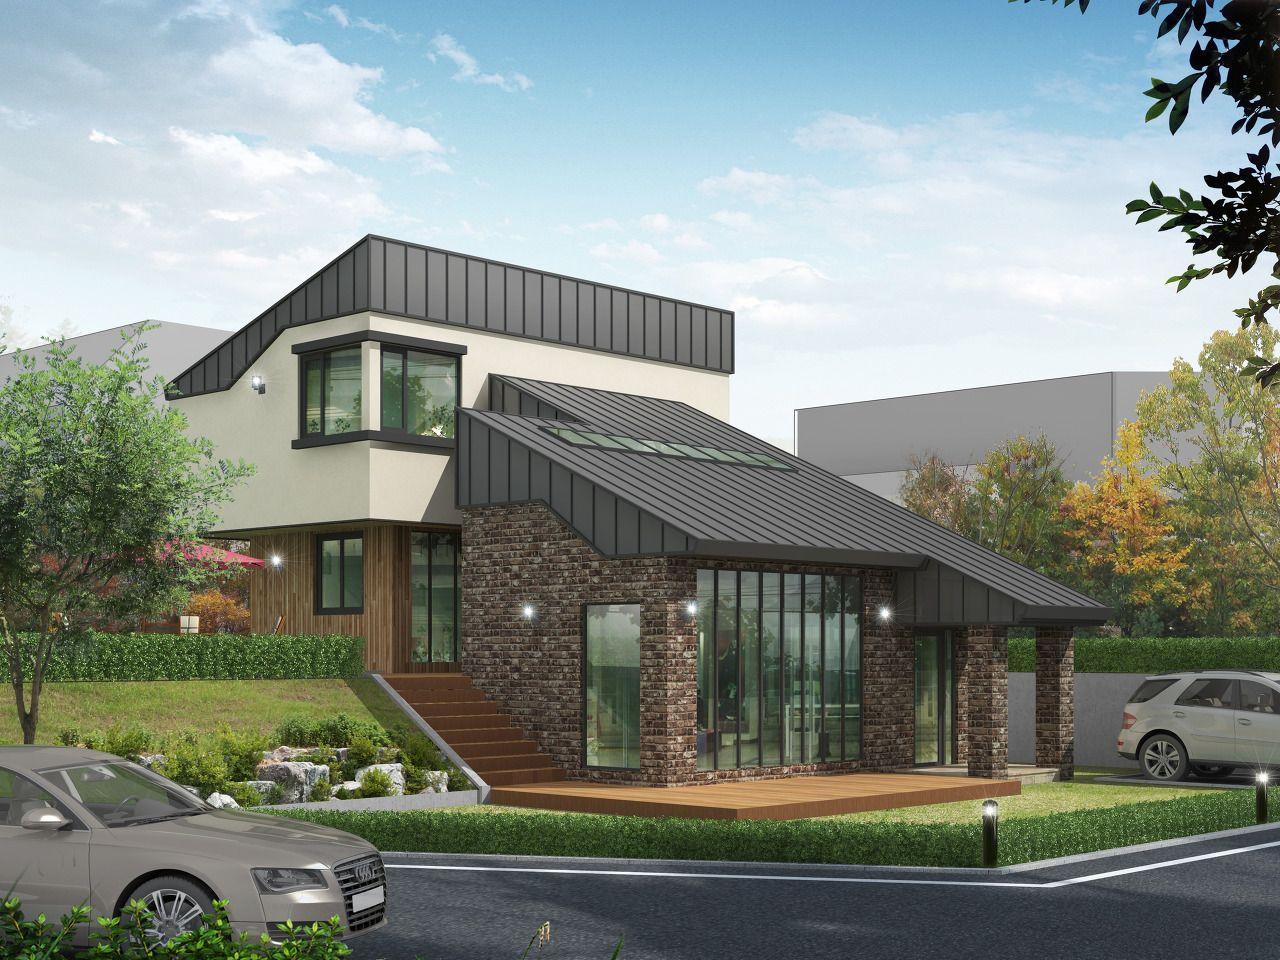 전원주택 건축비용 얼마나 들어가는지 알아보자 건축 디자인 벽돌 집 건축가